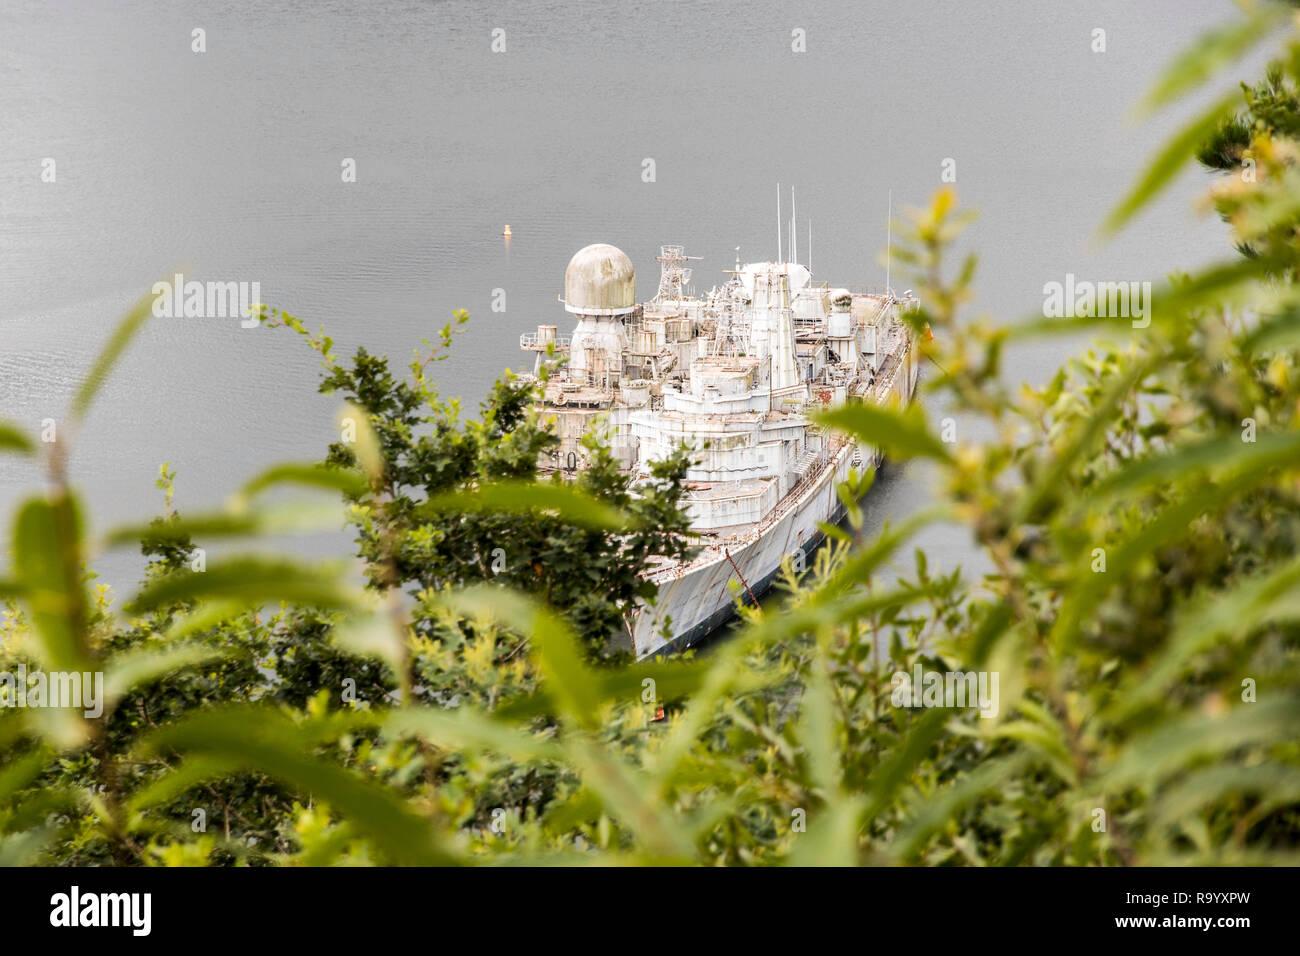 Landevennec, Frankreich. Zwei Armee Boote am Schiff Friedhof (Cimetiere de Bateaux) in der Nähe der Ile de Terenez Insel Stockbild